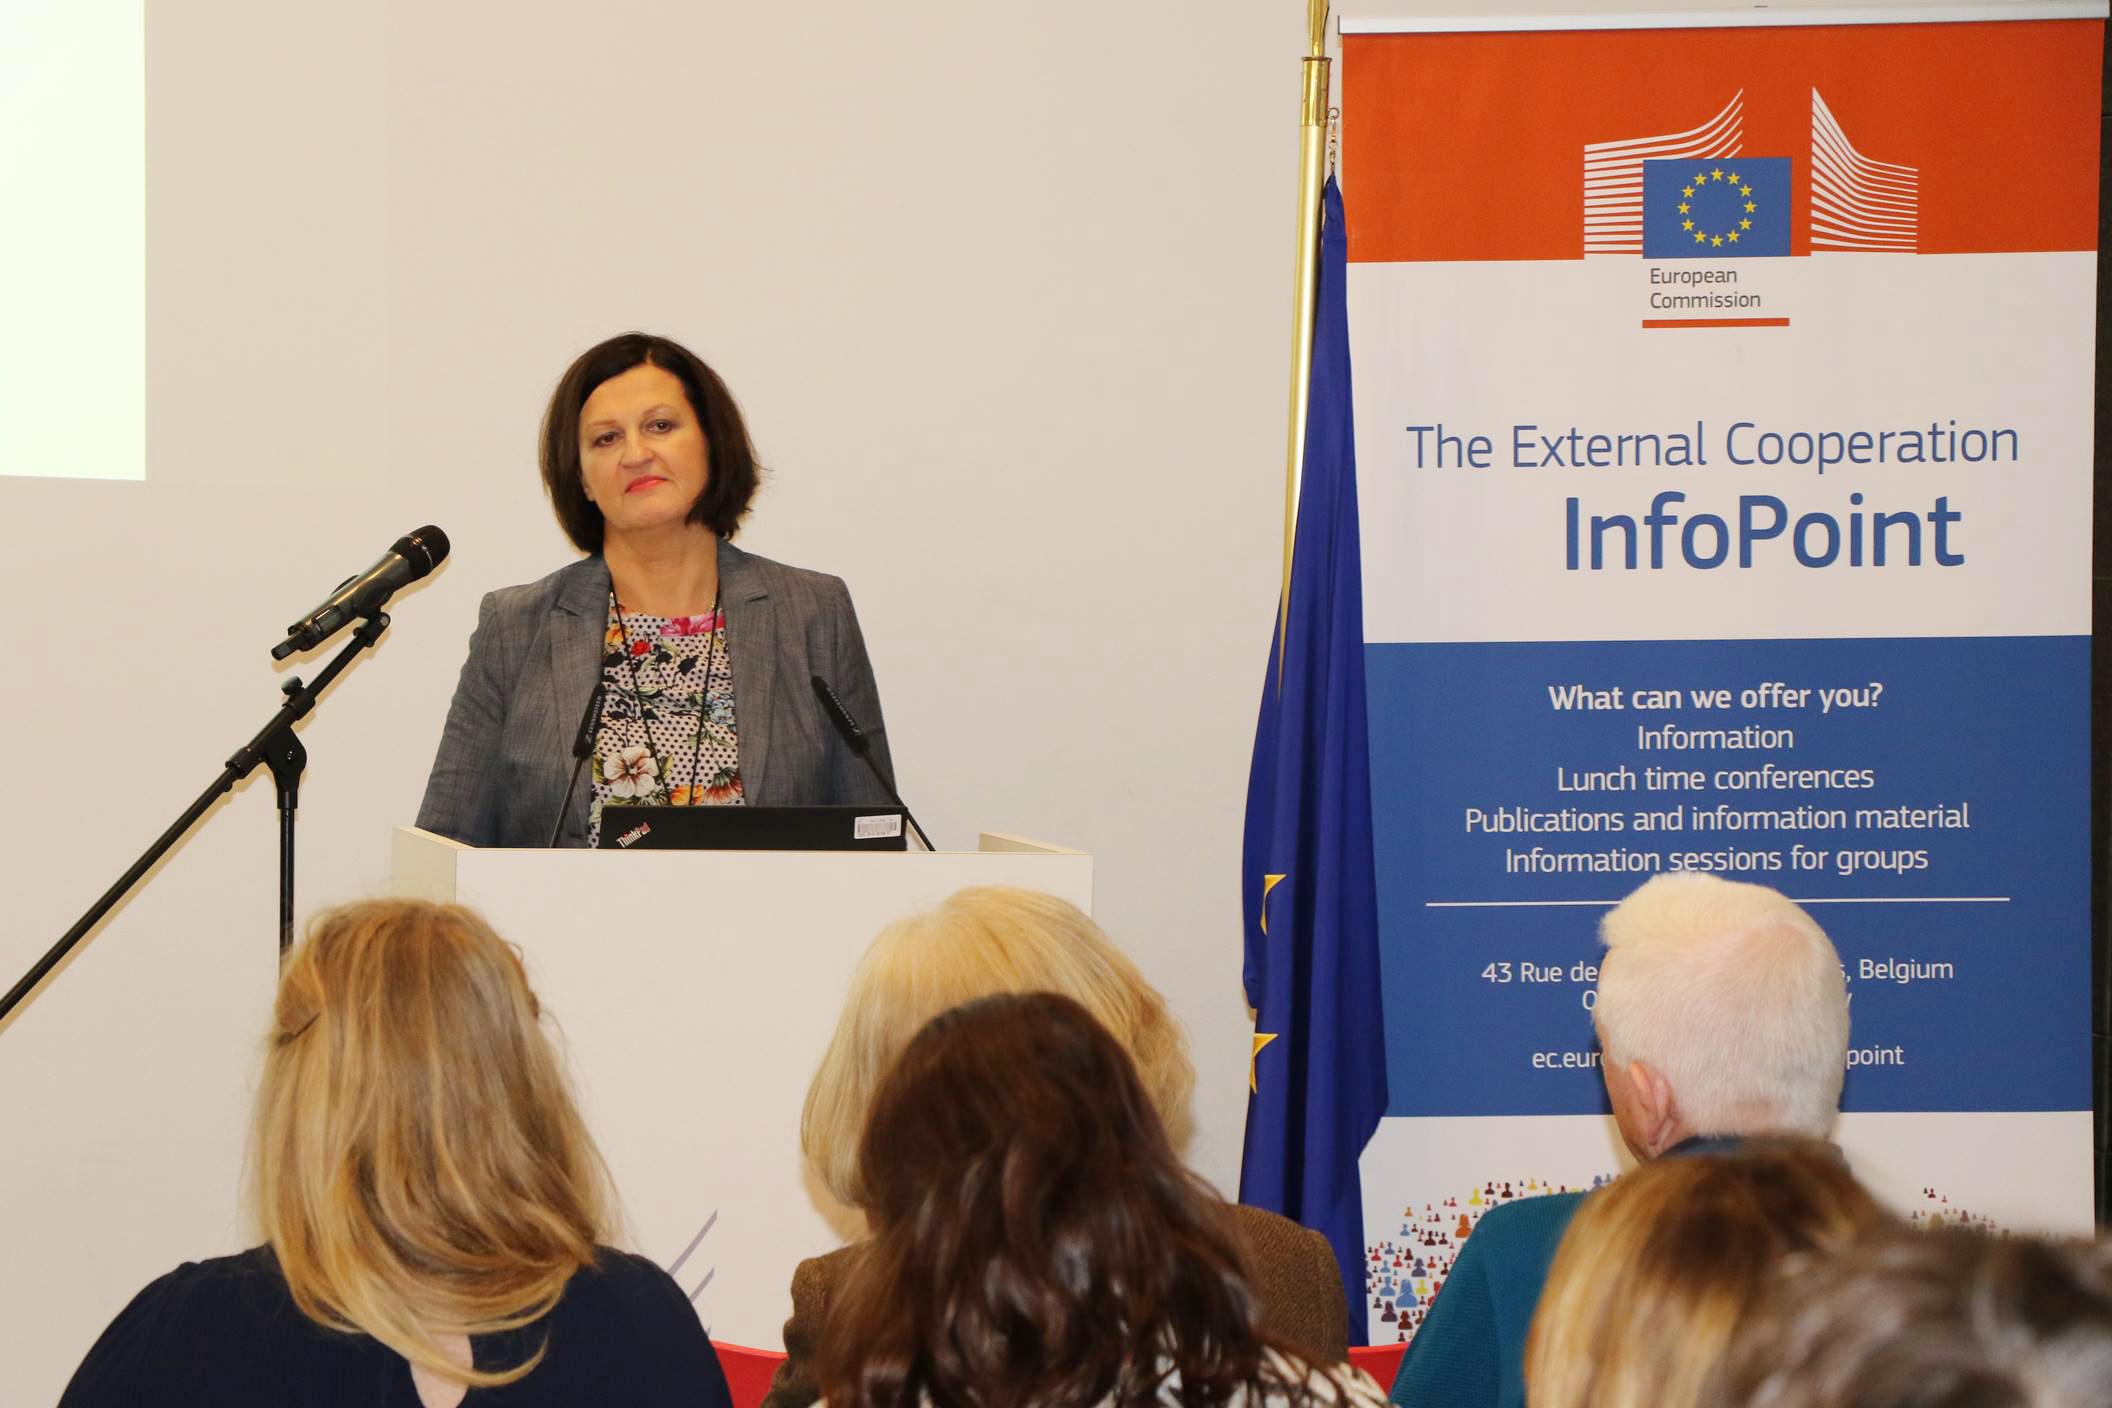 Jolita Butkeviciene, directora para América Latina y el Caribe en la Dirección General de Cooperación Internacional y Desarrollo de la Comisión Europea